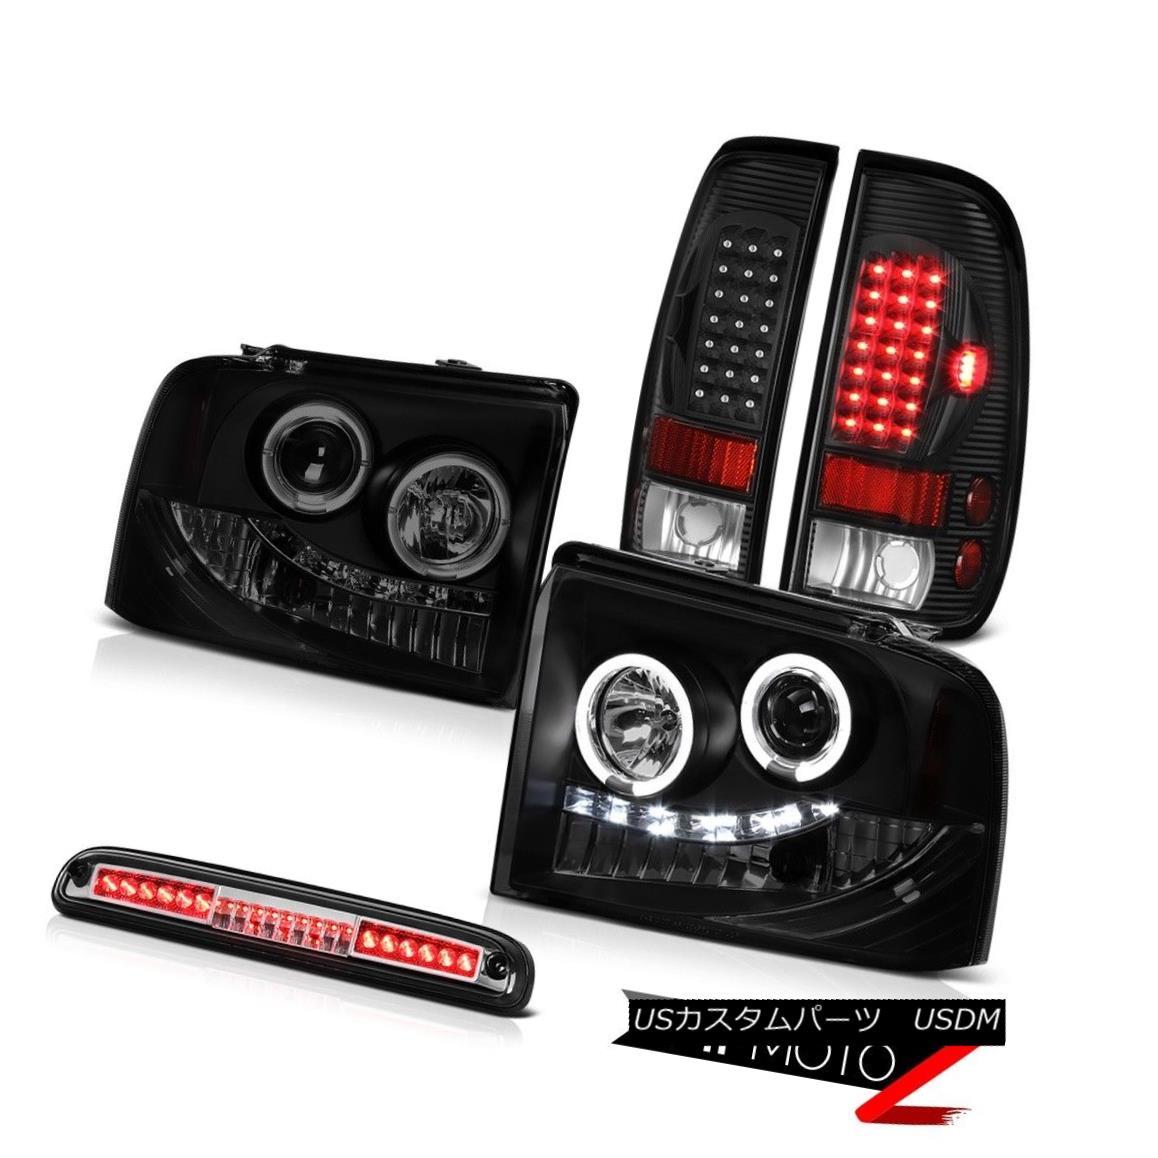 テールライト SMD DRL Headlamps Tail Lights Assembly LED Third Brake 2005-2007 F250 Amarillo SMD DRLヘッドランプテールライトアセンブリLED第3ブレーキ2005-2007 F250アマリロ